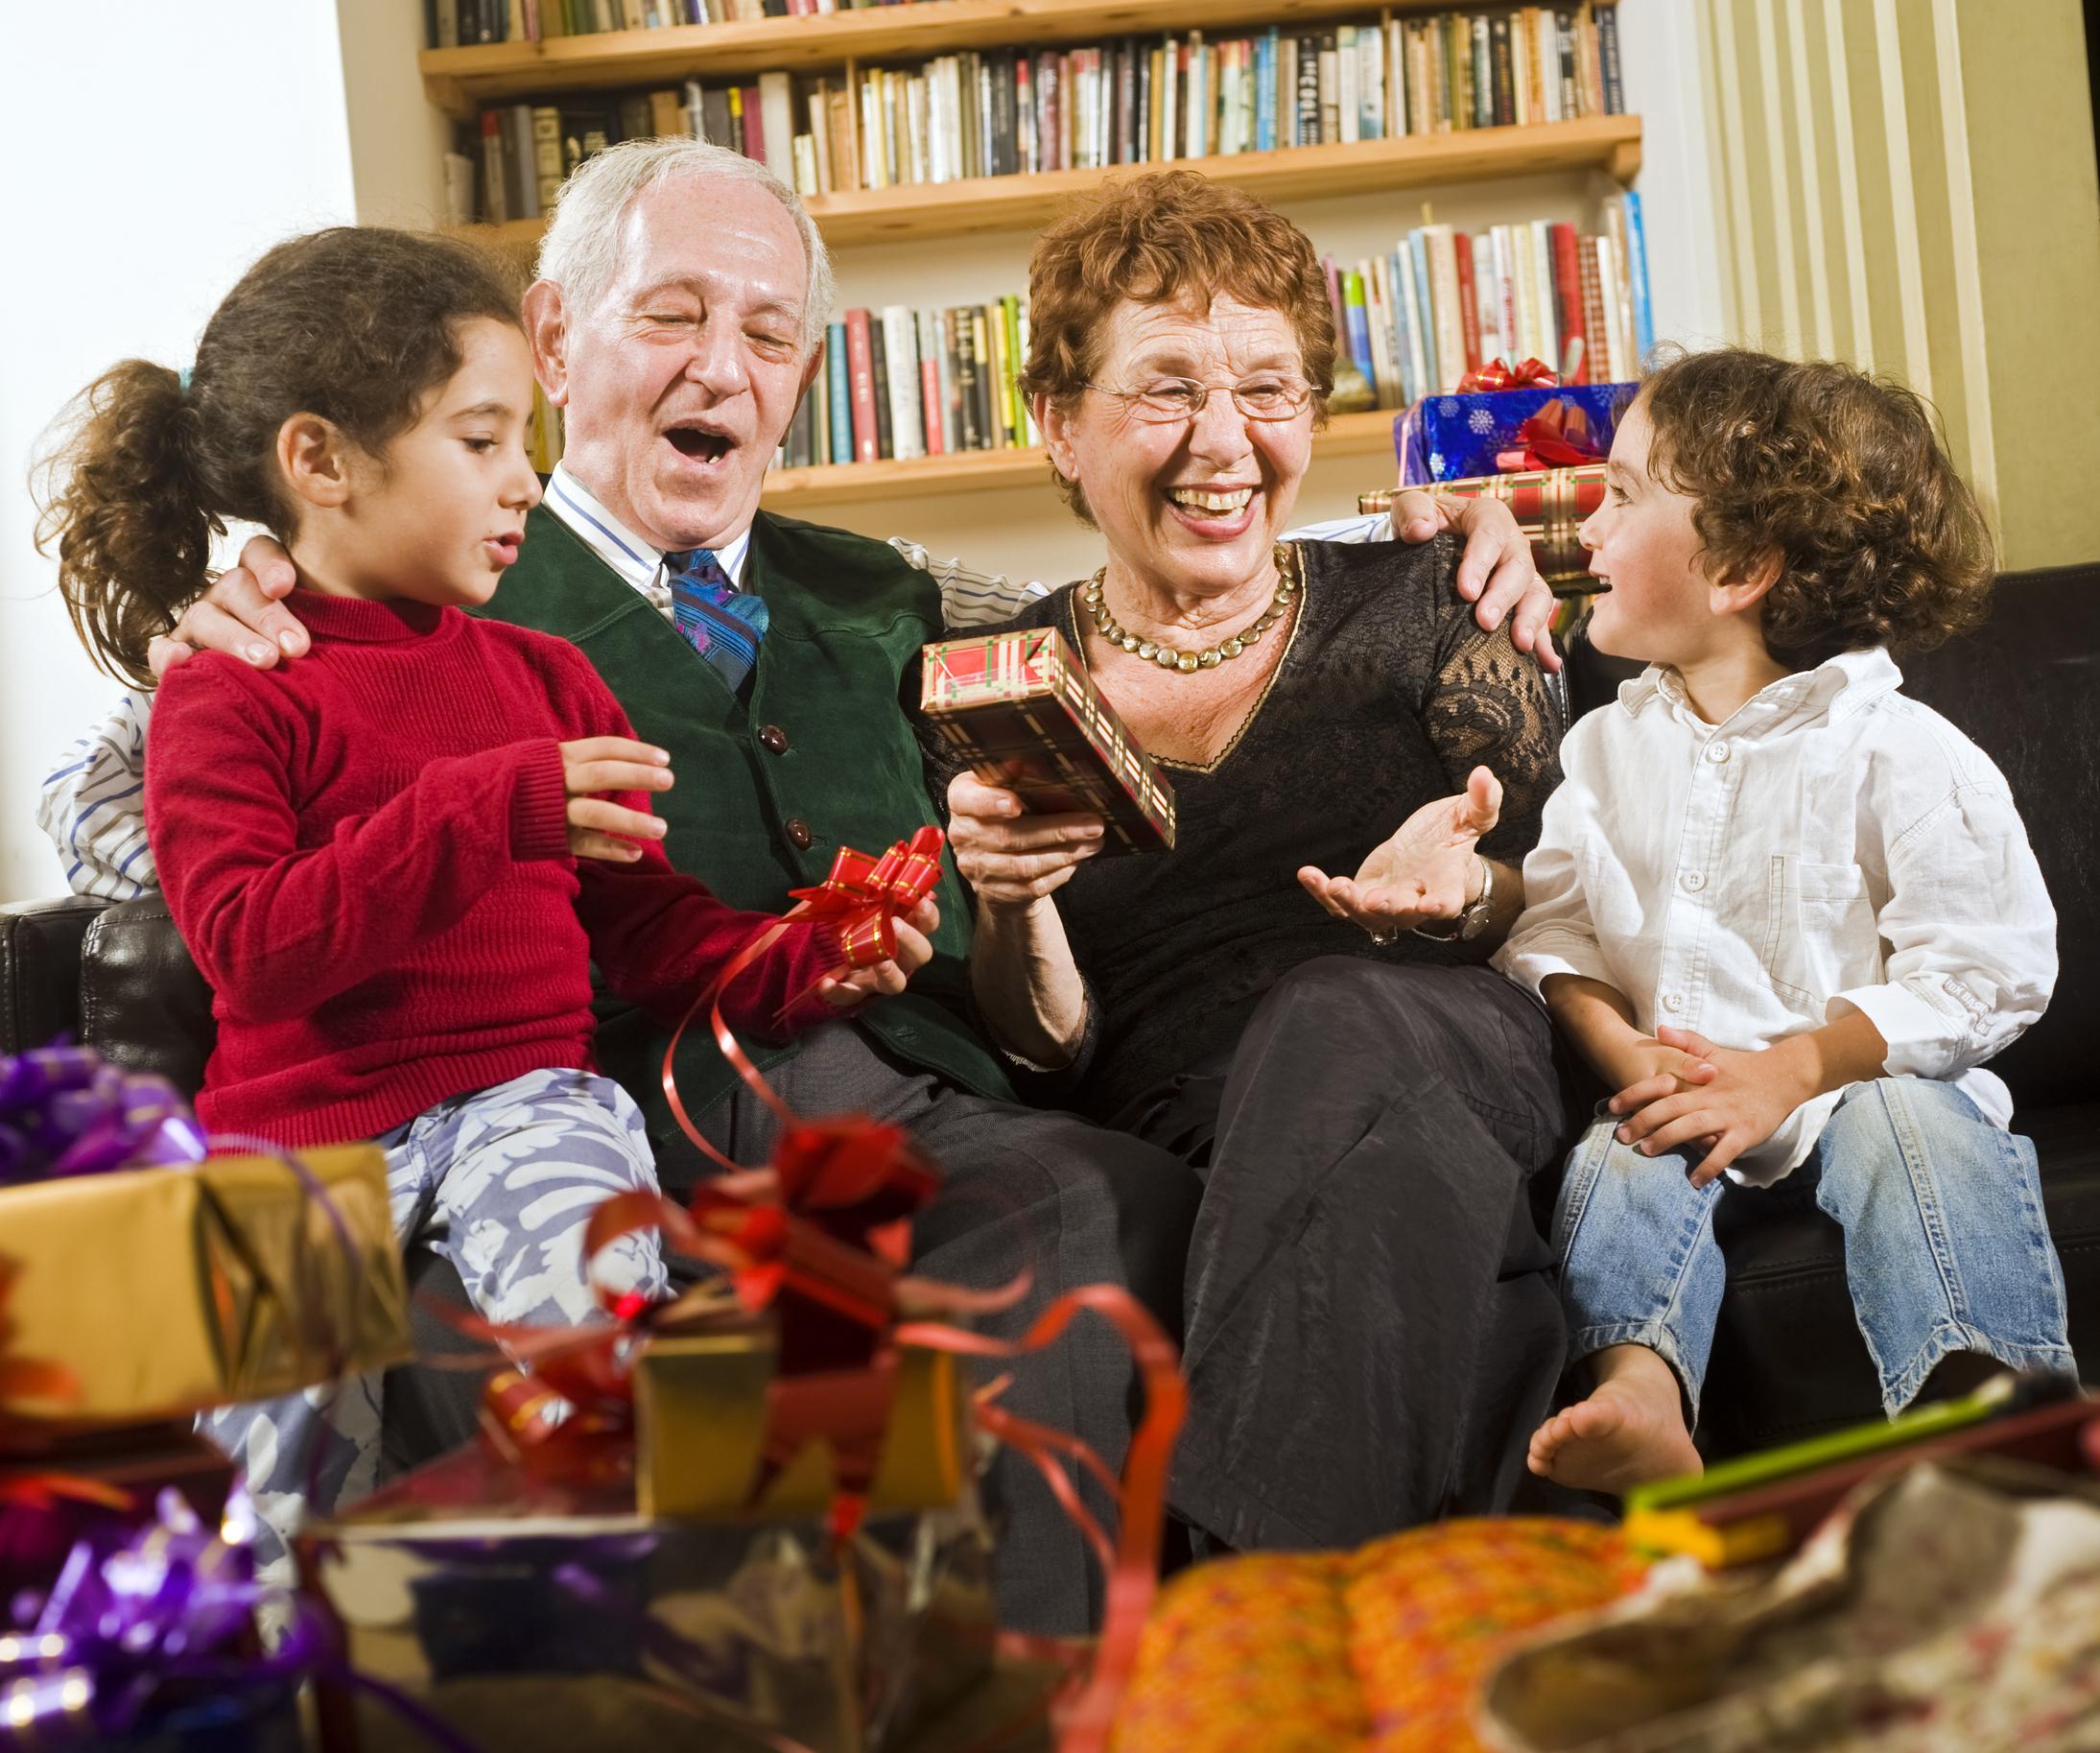 День рождения папы в кругу семьи сценарий